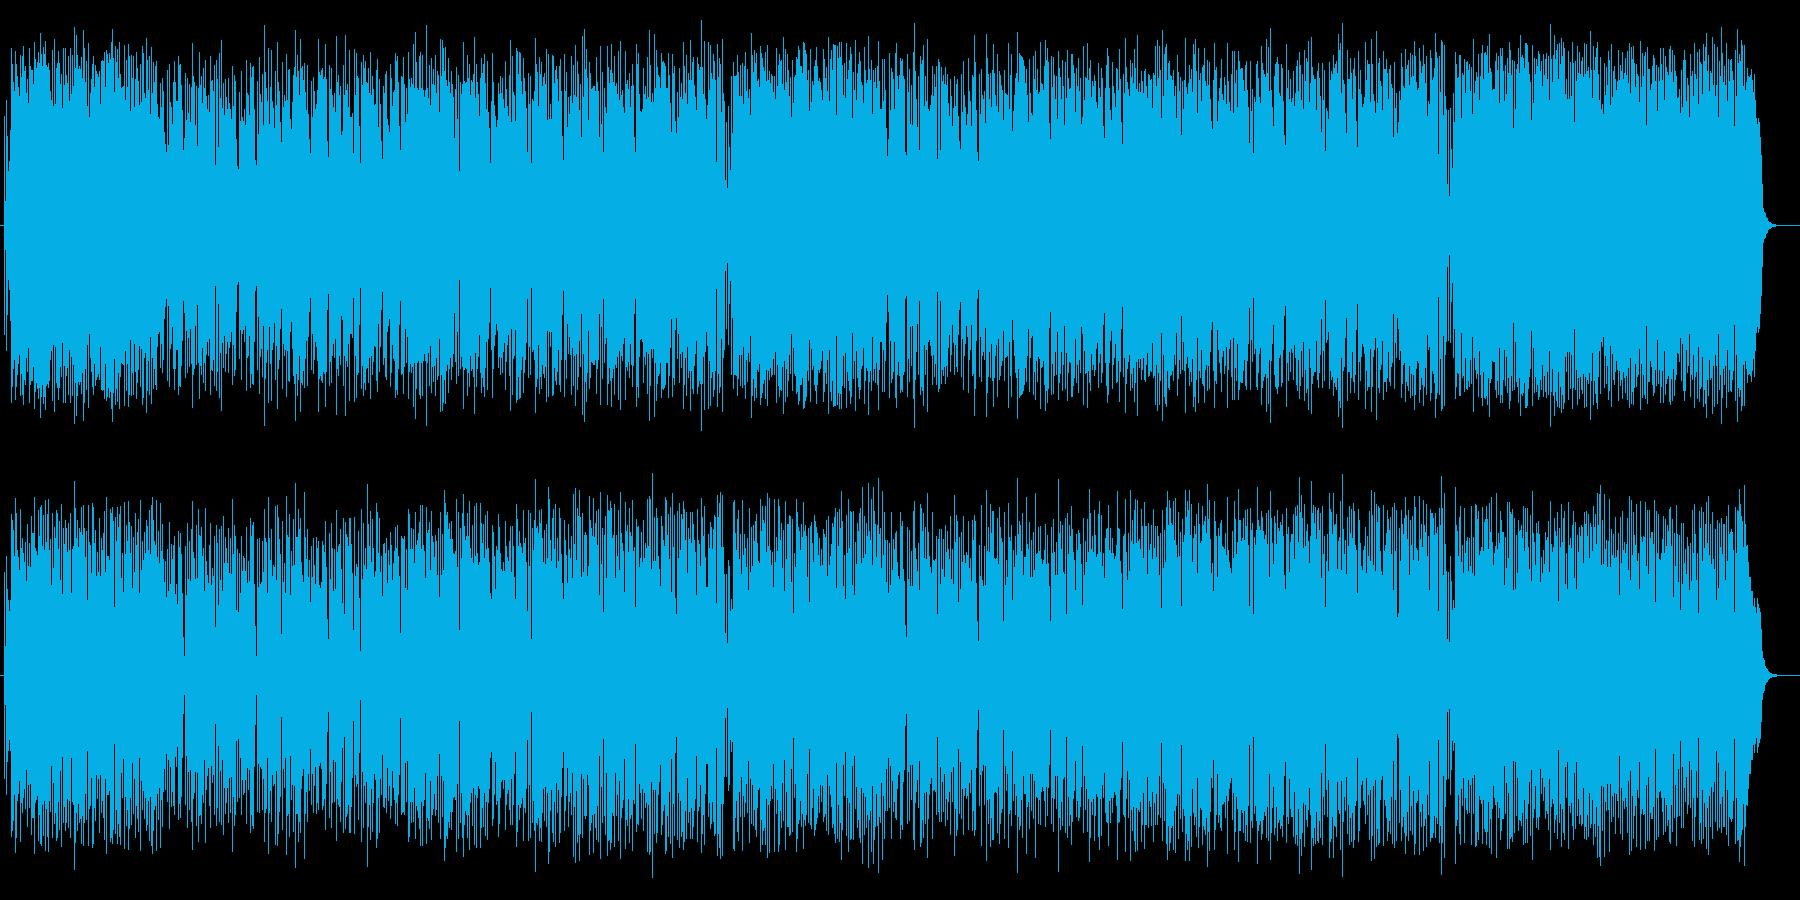 楽器が奏でるハーモニーが素敵なポップの再生済みの波形